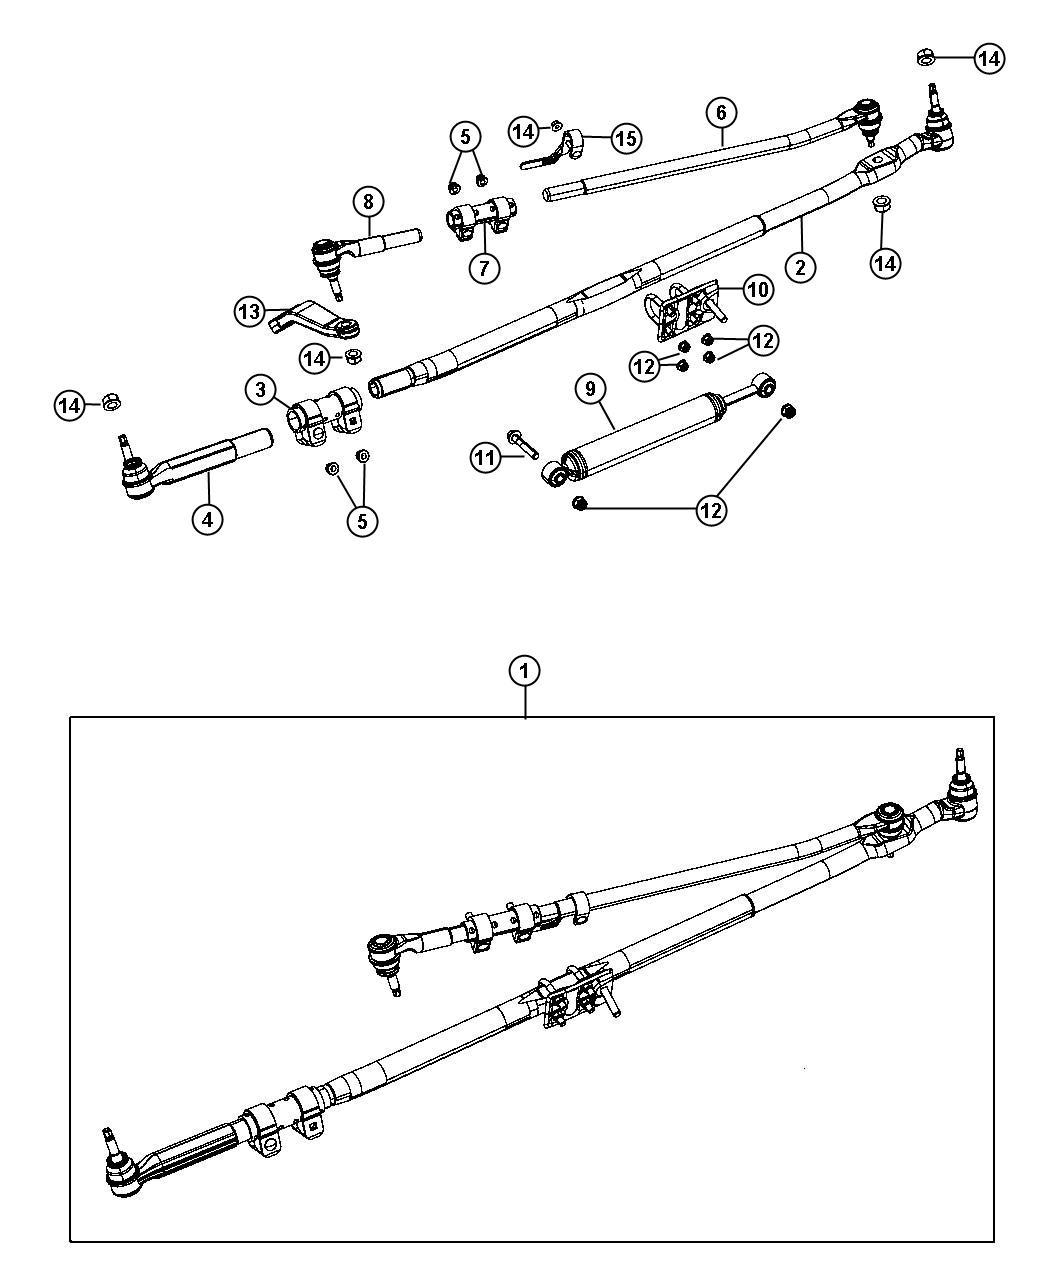 Dodge Ram Adjuster Tube Drag Link Tie Rod